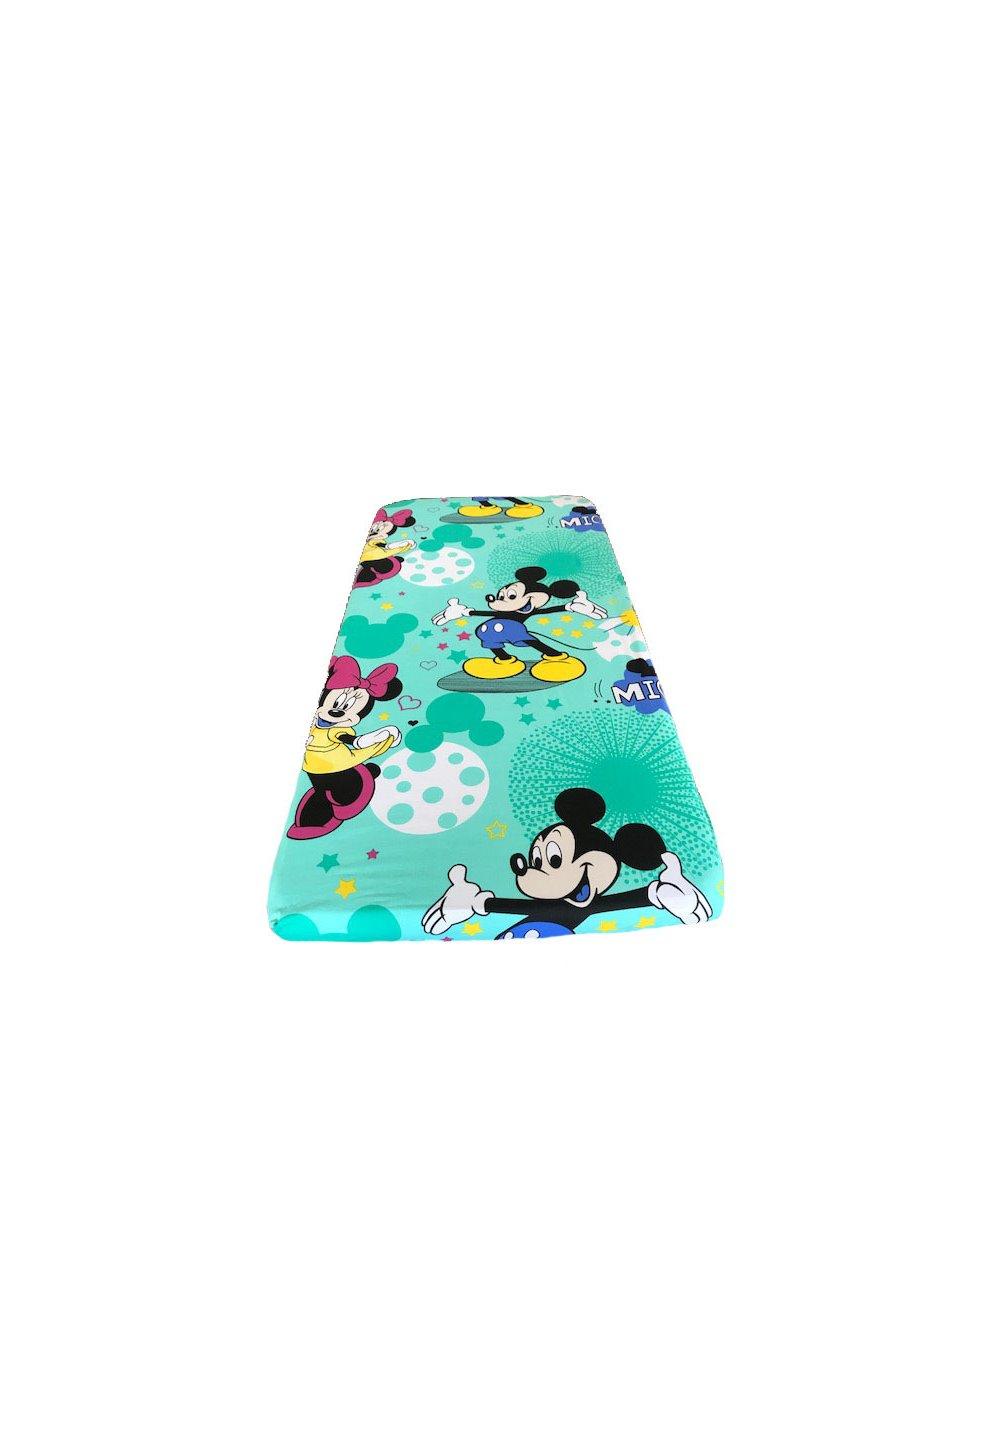 Cearceaf patut, turcoaz, Minnie si Mickey, 120x60cm imagine